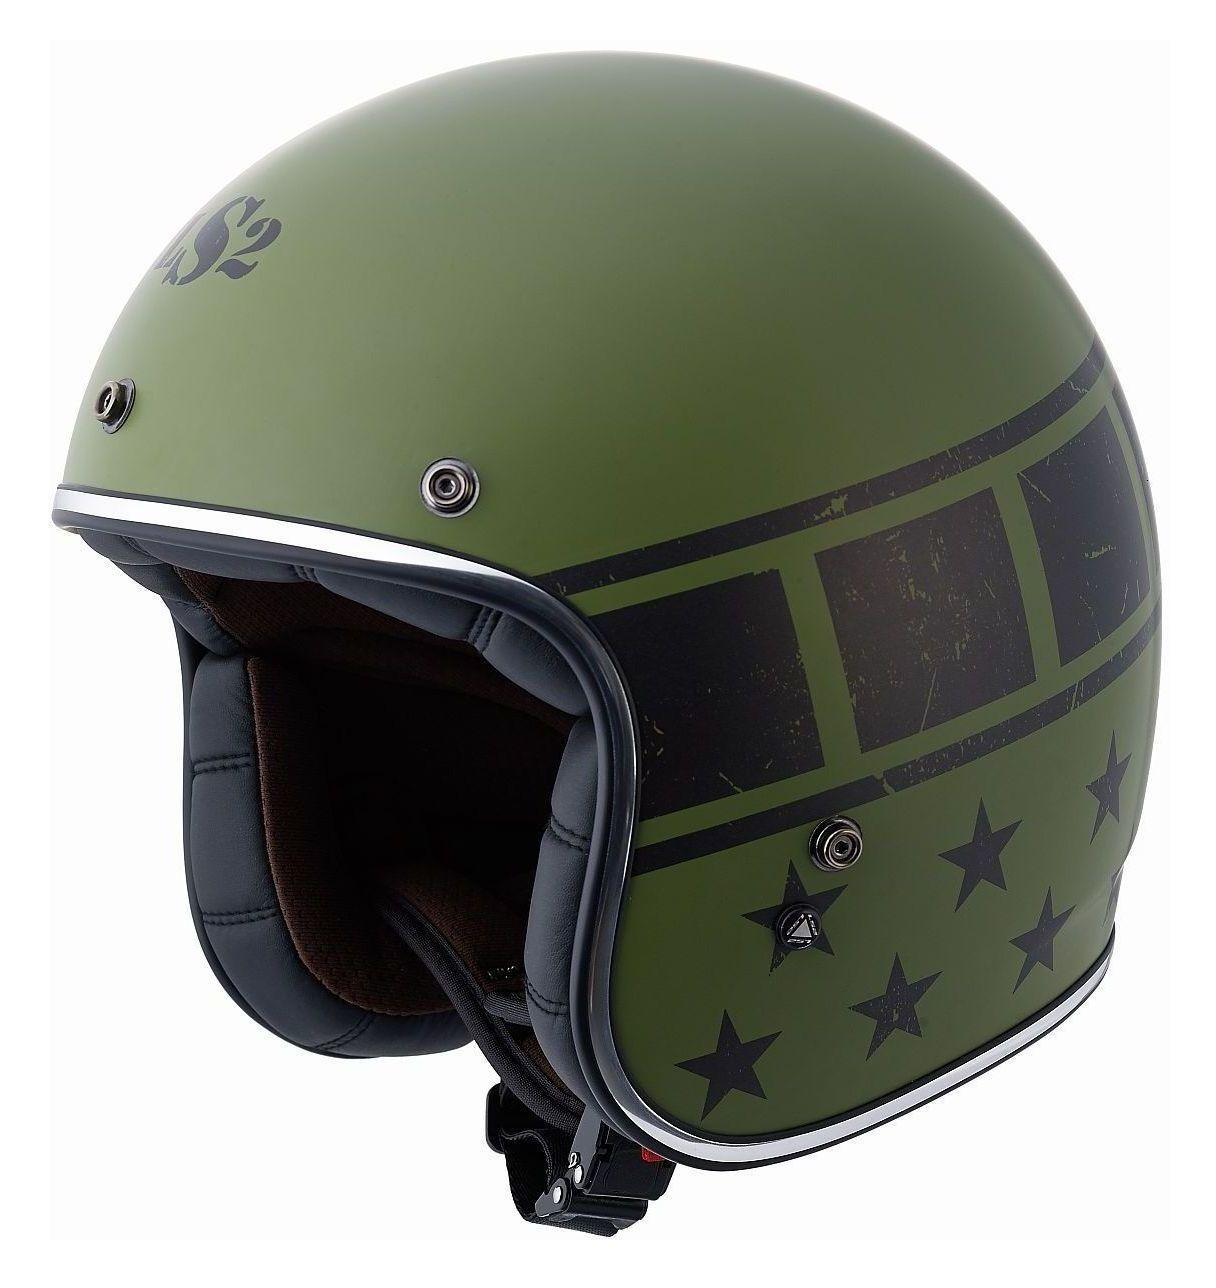 LS2 Bobber Kurt Military Helmet (Size LG Only)